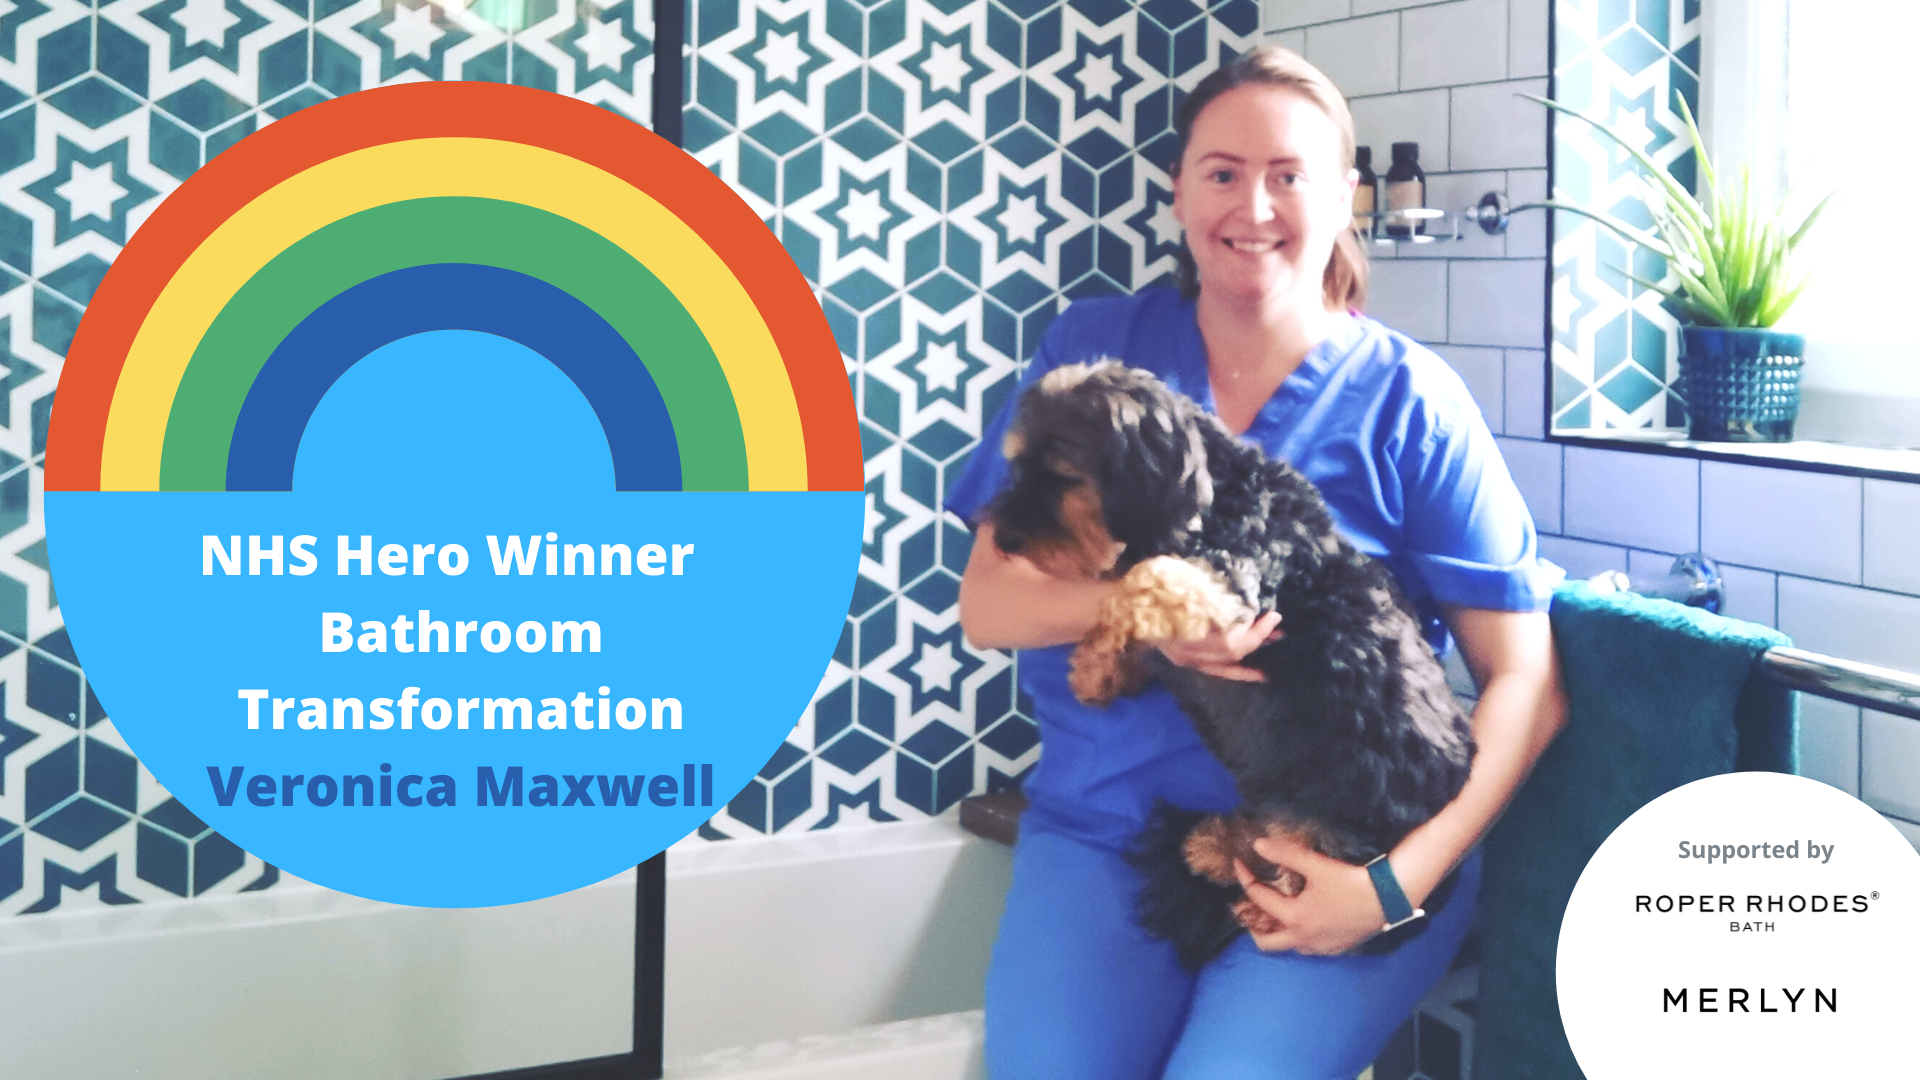 NHS Winners Story